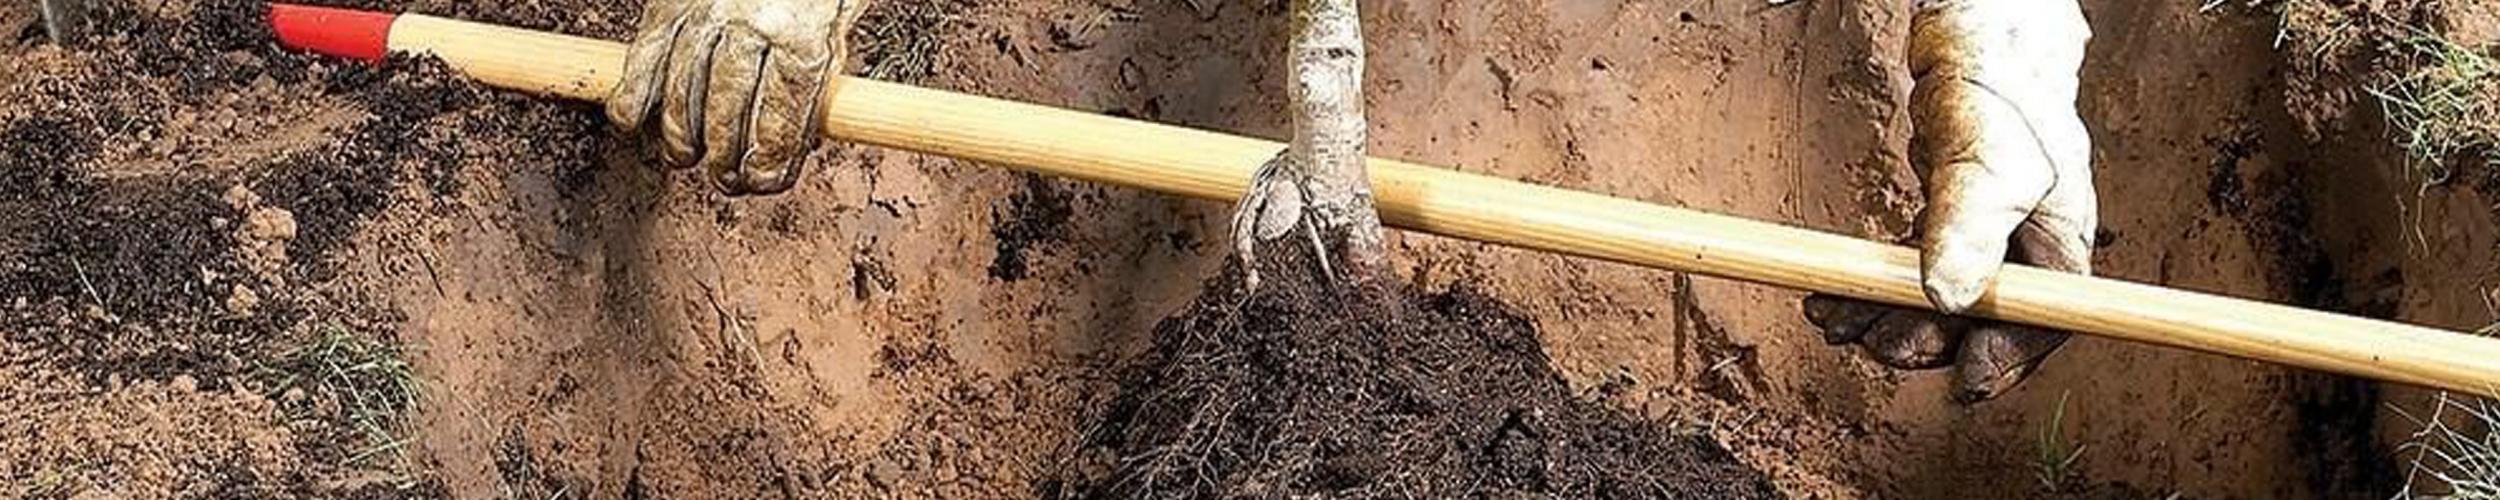 Optimale grootte plantgat & bodemverbetering voor succesvolle boomaanplantingen